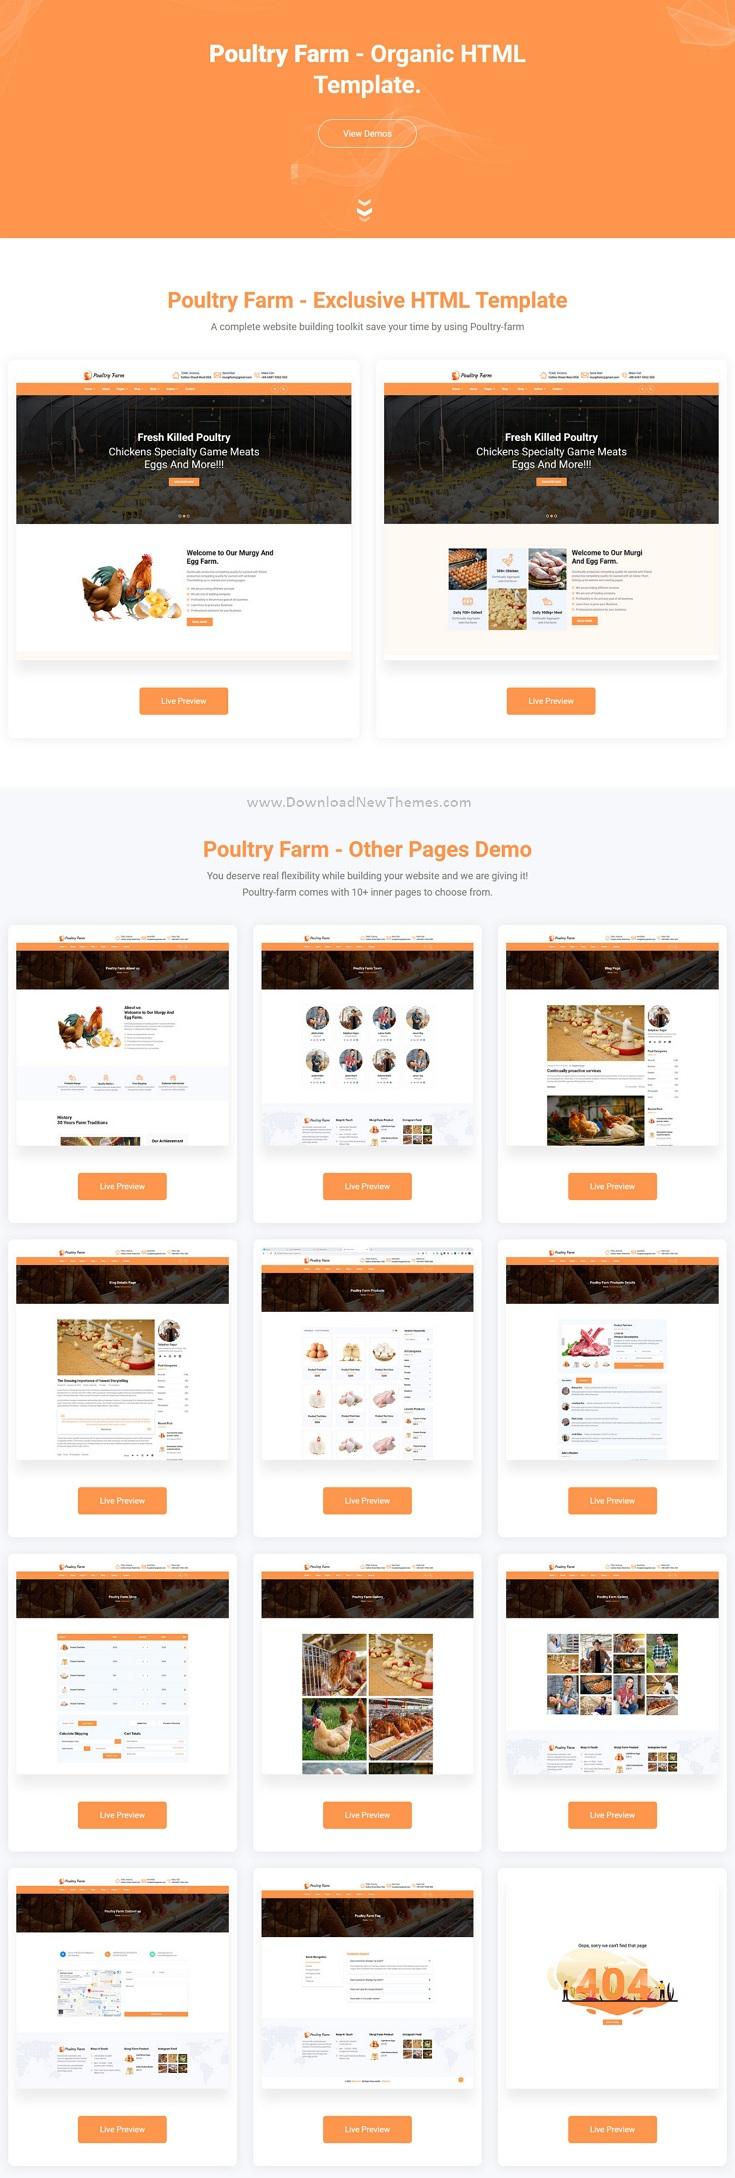 Download PoultryFarm Organic Poultry HTML Template